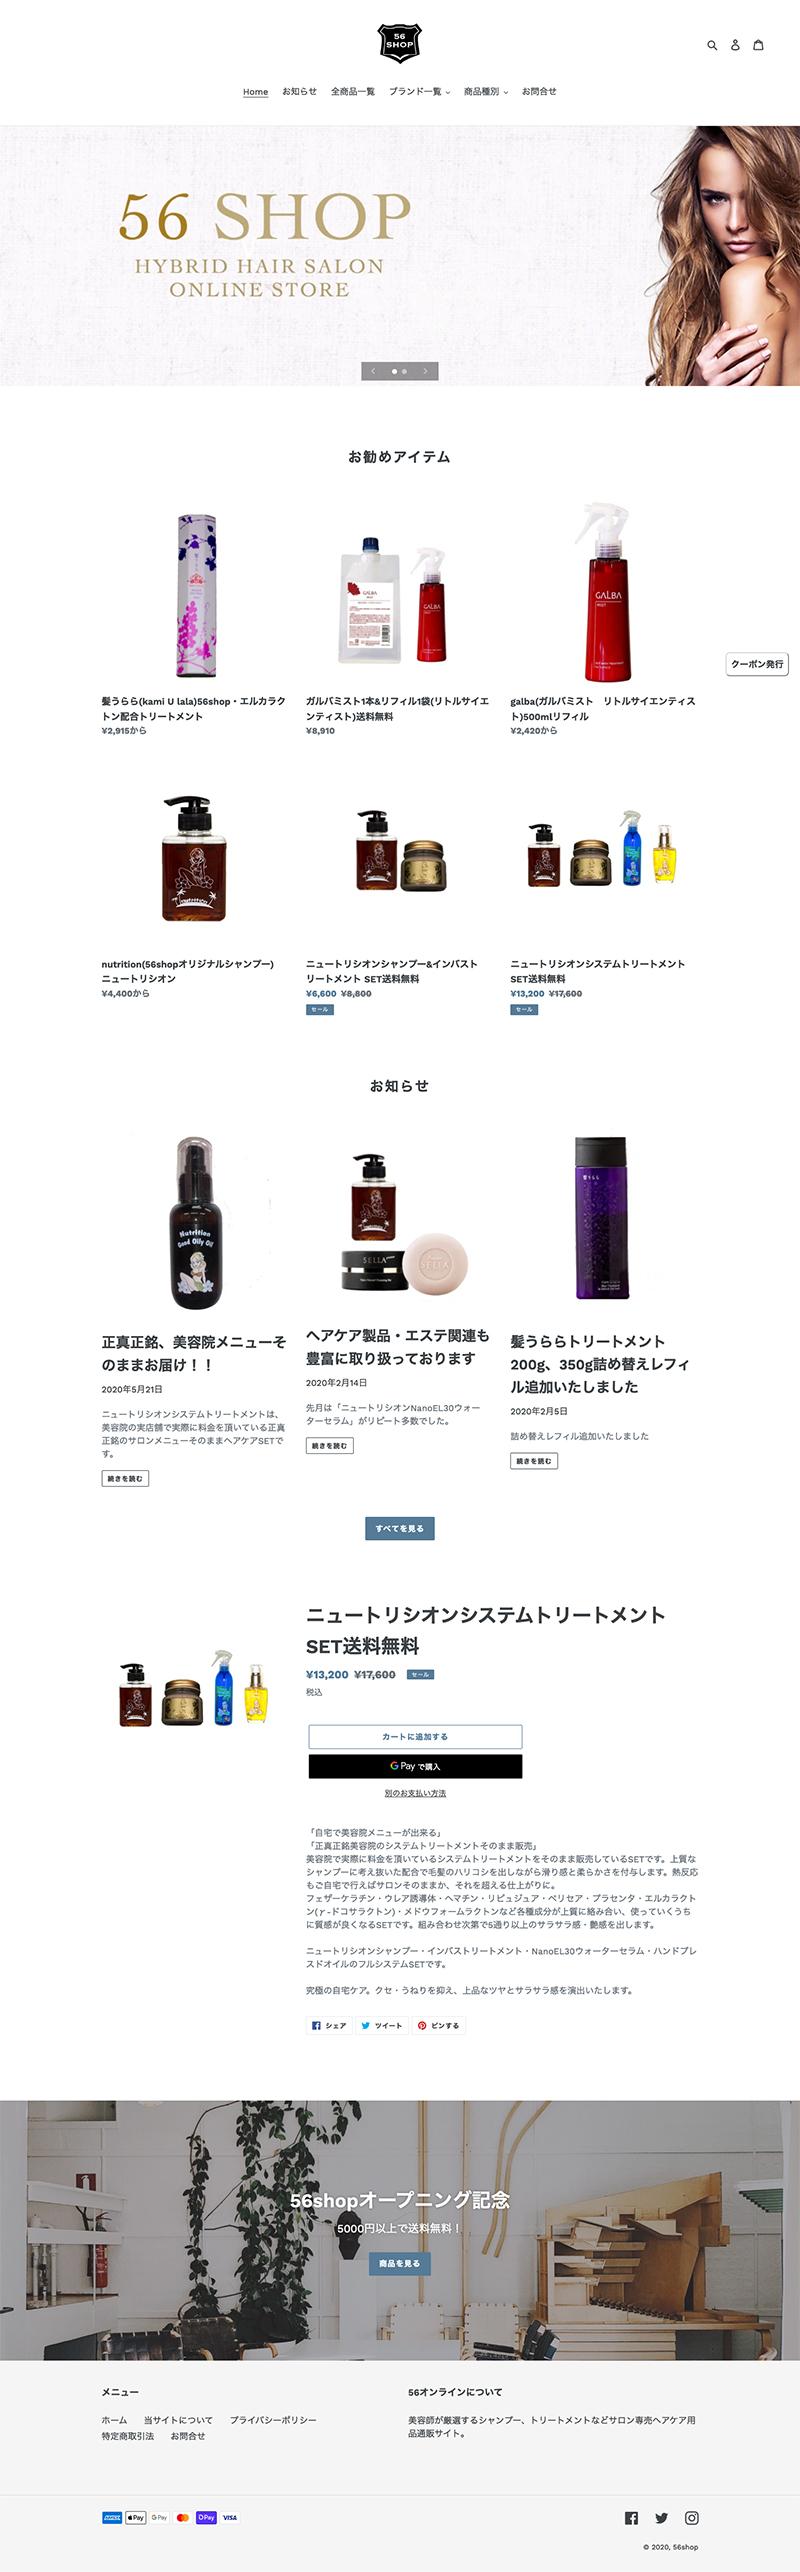 ホームページ制作実績Shopify制作事例 ECサイトをリニューアル